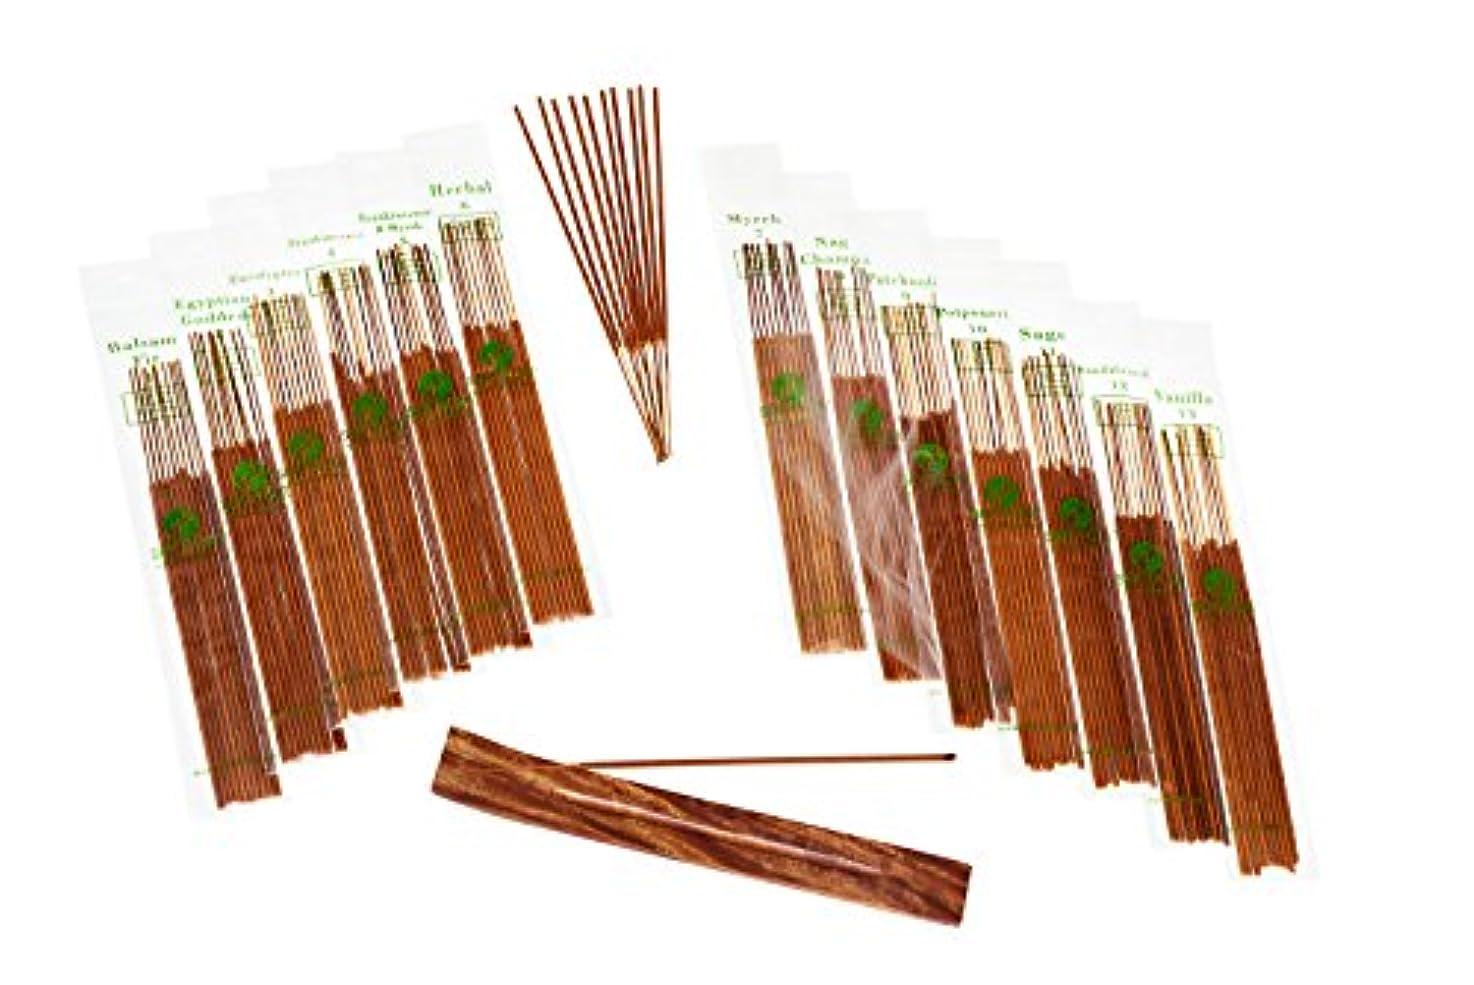 蜜不定モーションSENSARI HAND-DIPPED INCENSE & BURNER GIFT SET - 120 Stick Variety, 12 Scent Assortment - Nag Champa, Sandalwood...